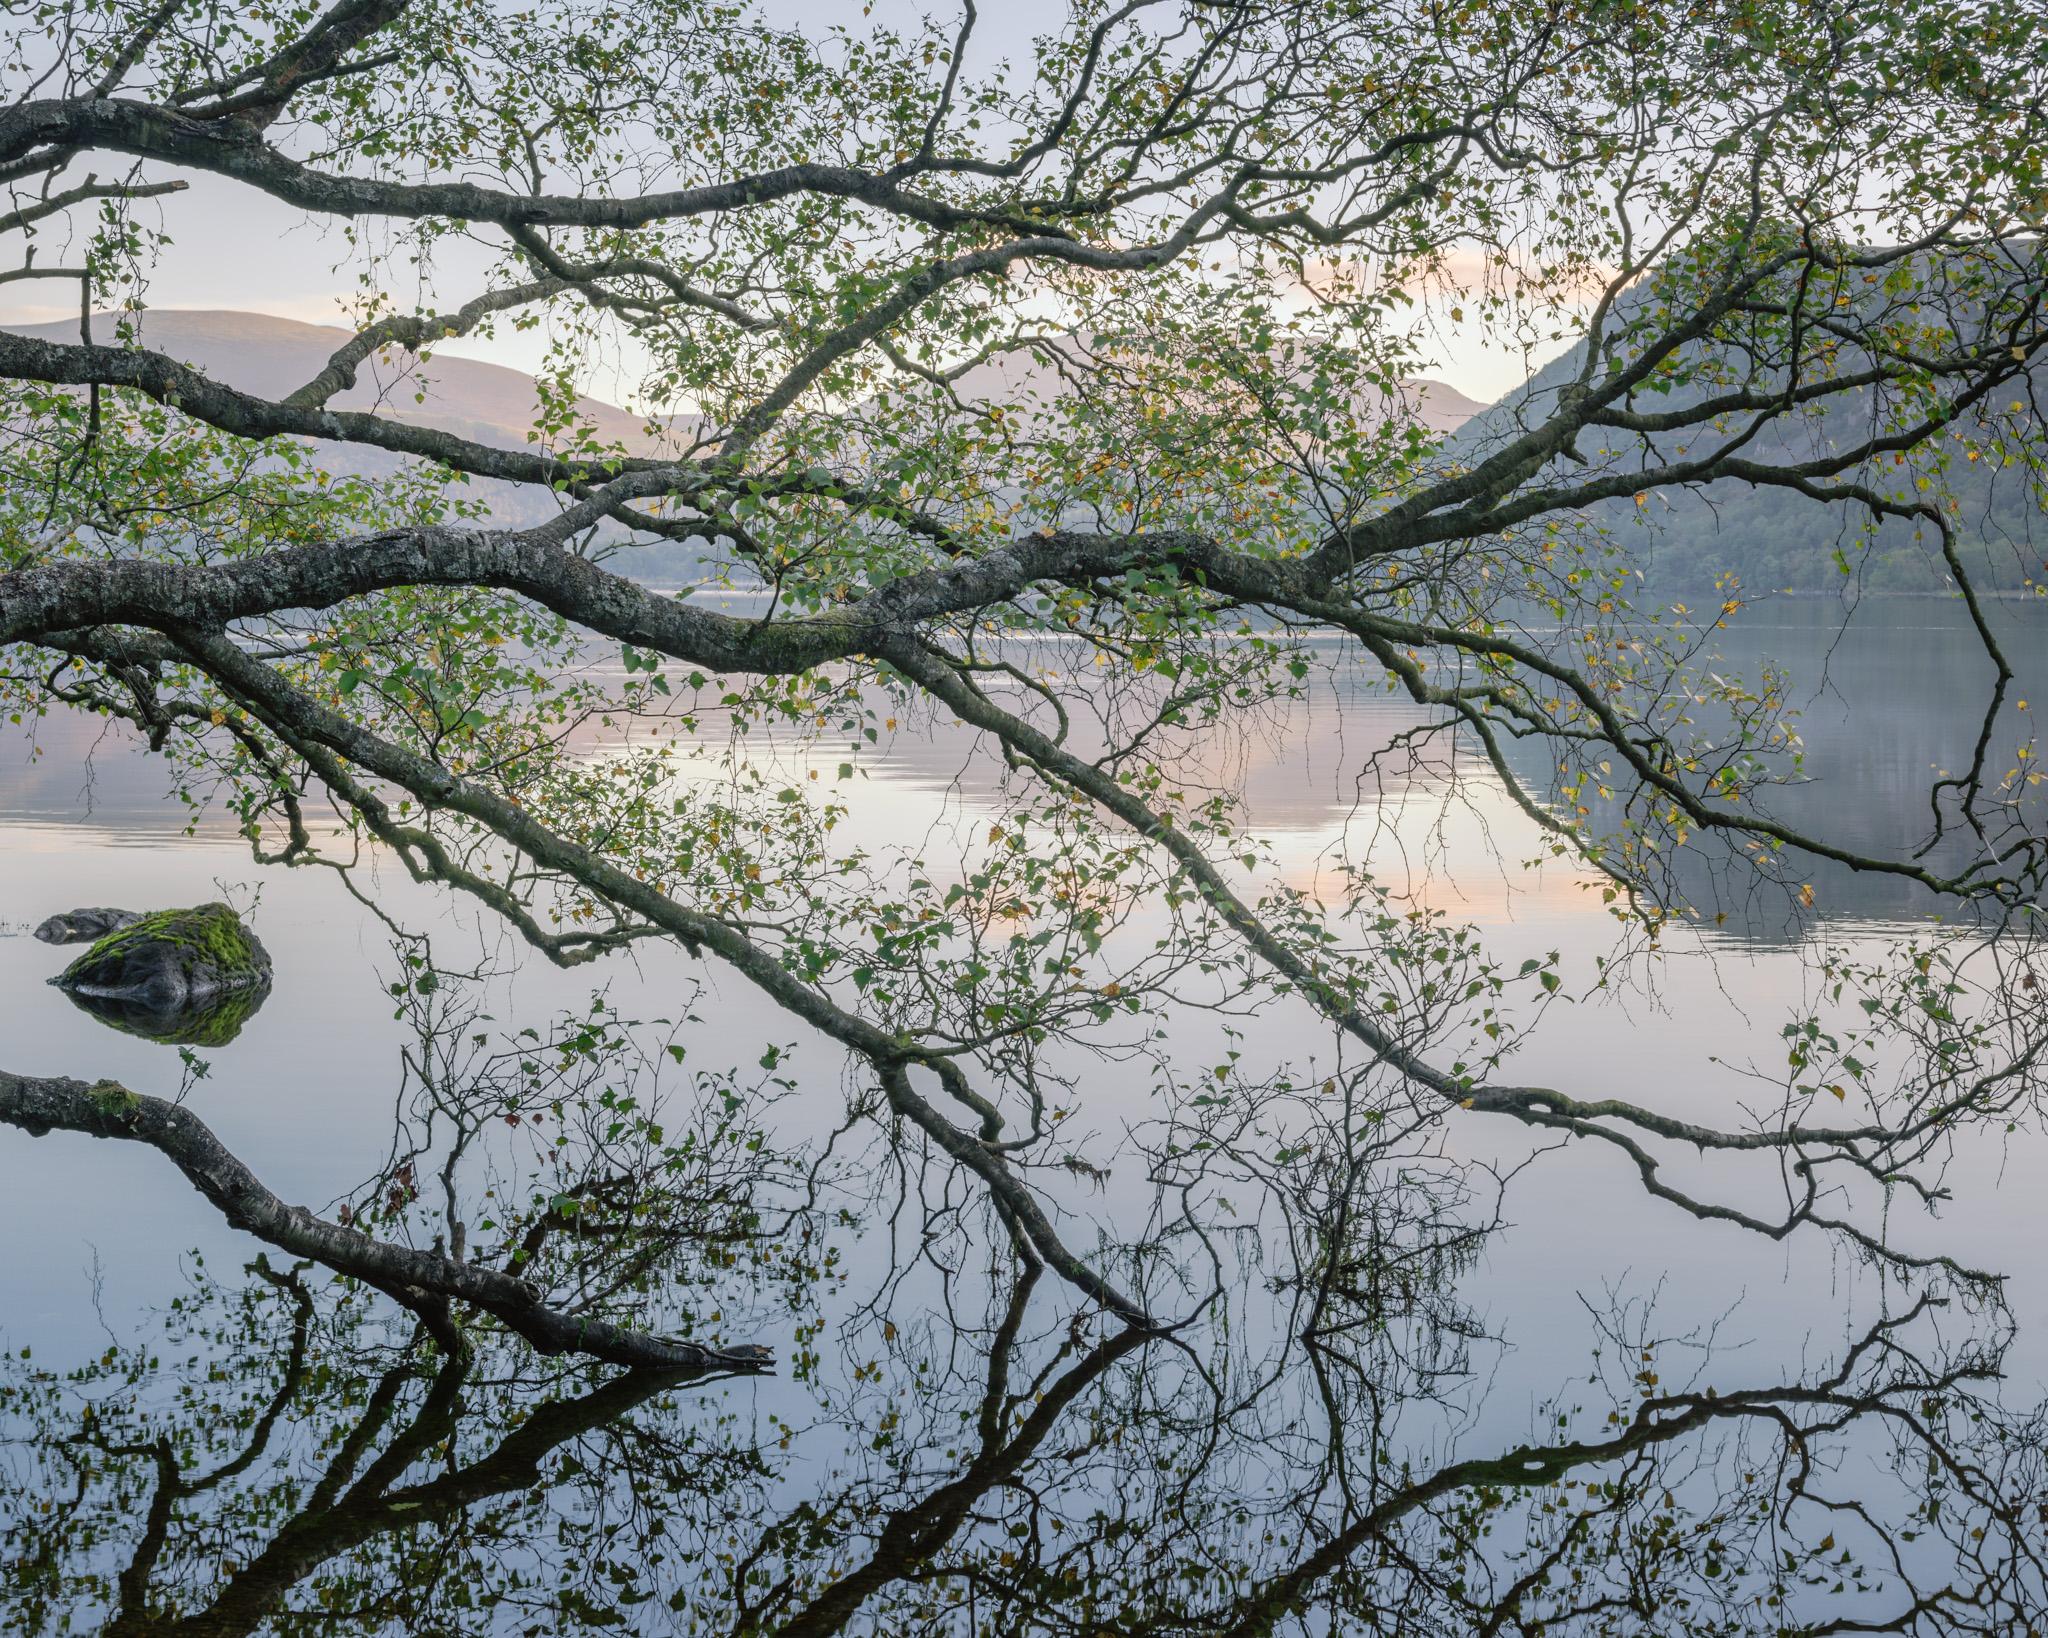 Sunrise from Manesty Woods, Derwentwater